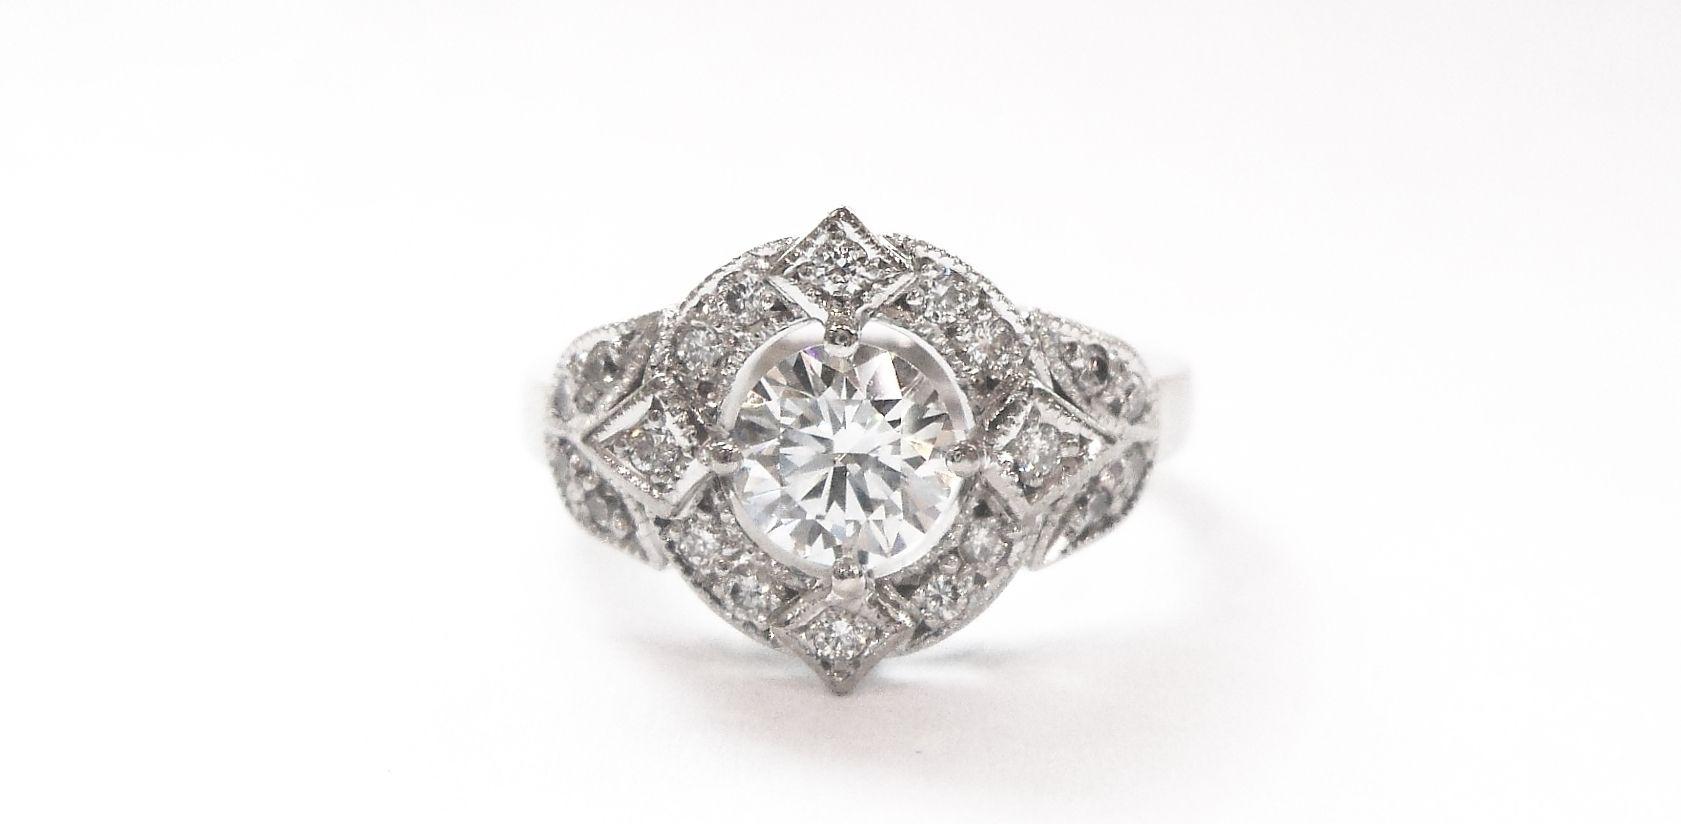 Vintage Diamond Rings Melbourne Ring Pinterest